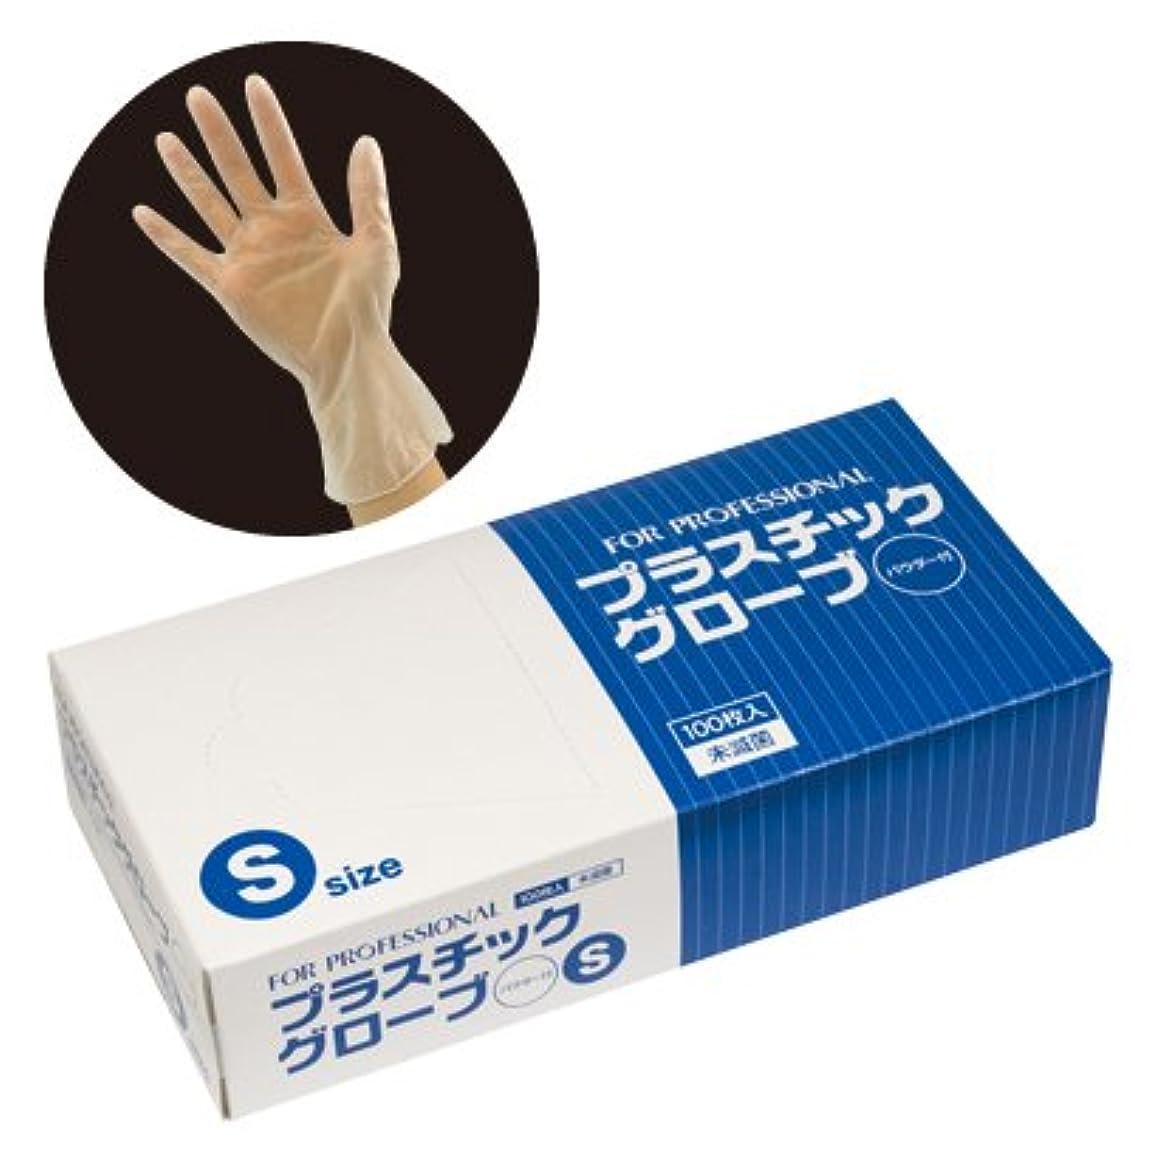 最も遠い貼り直す傾向があります【業務用】 FEED(フィード) プラスチックグローブ(手袋) パウダー付/L カートン 100枚入×10ケース (329.4円/1個あたり)